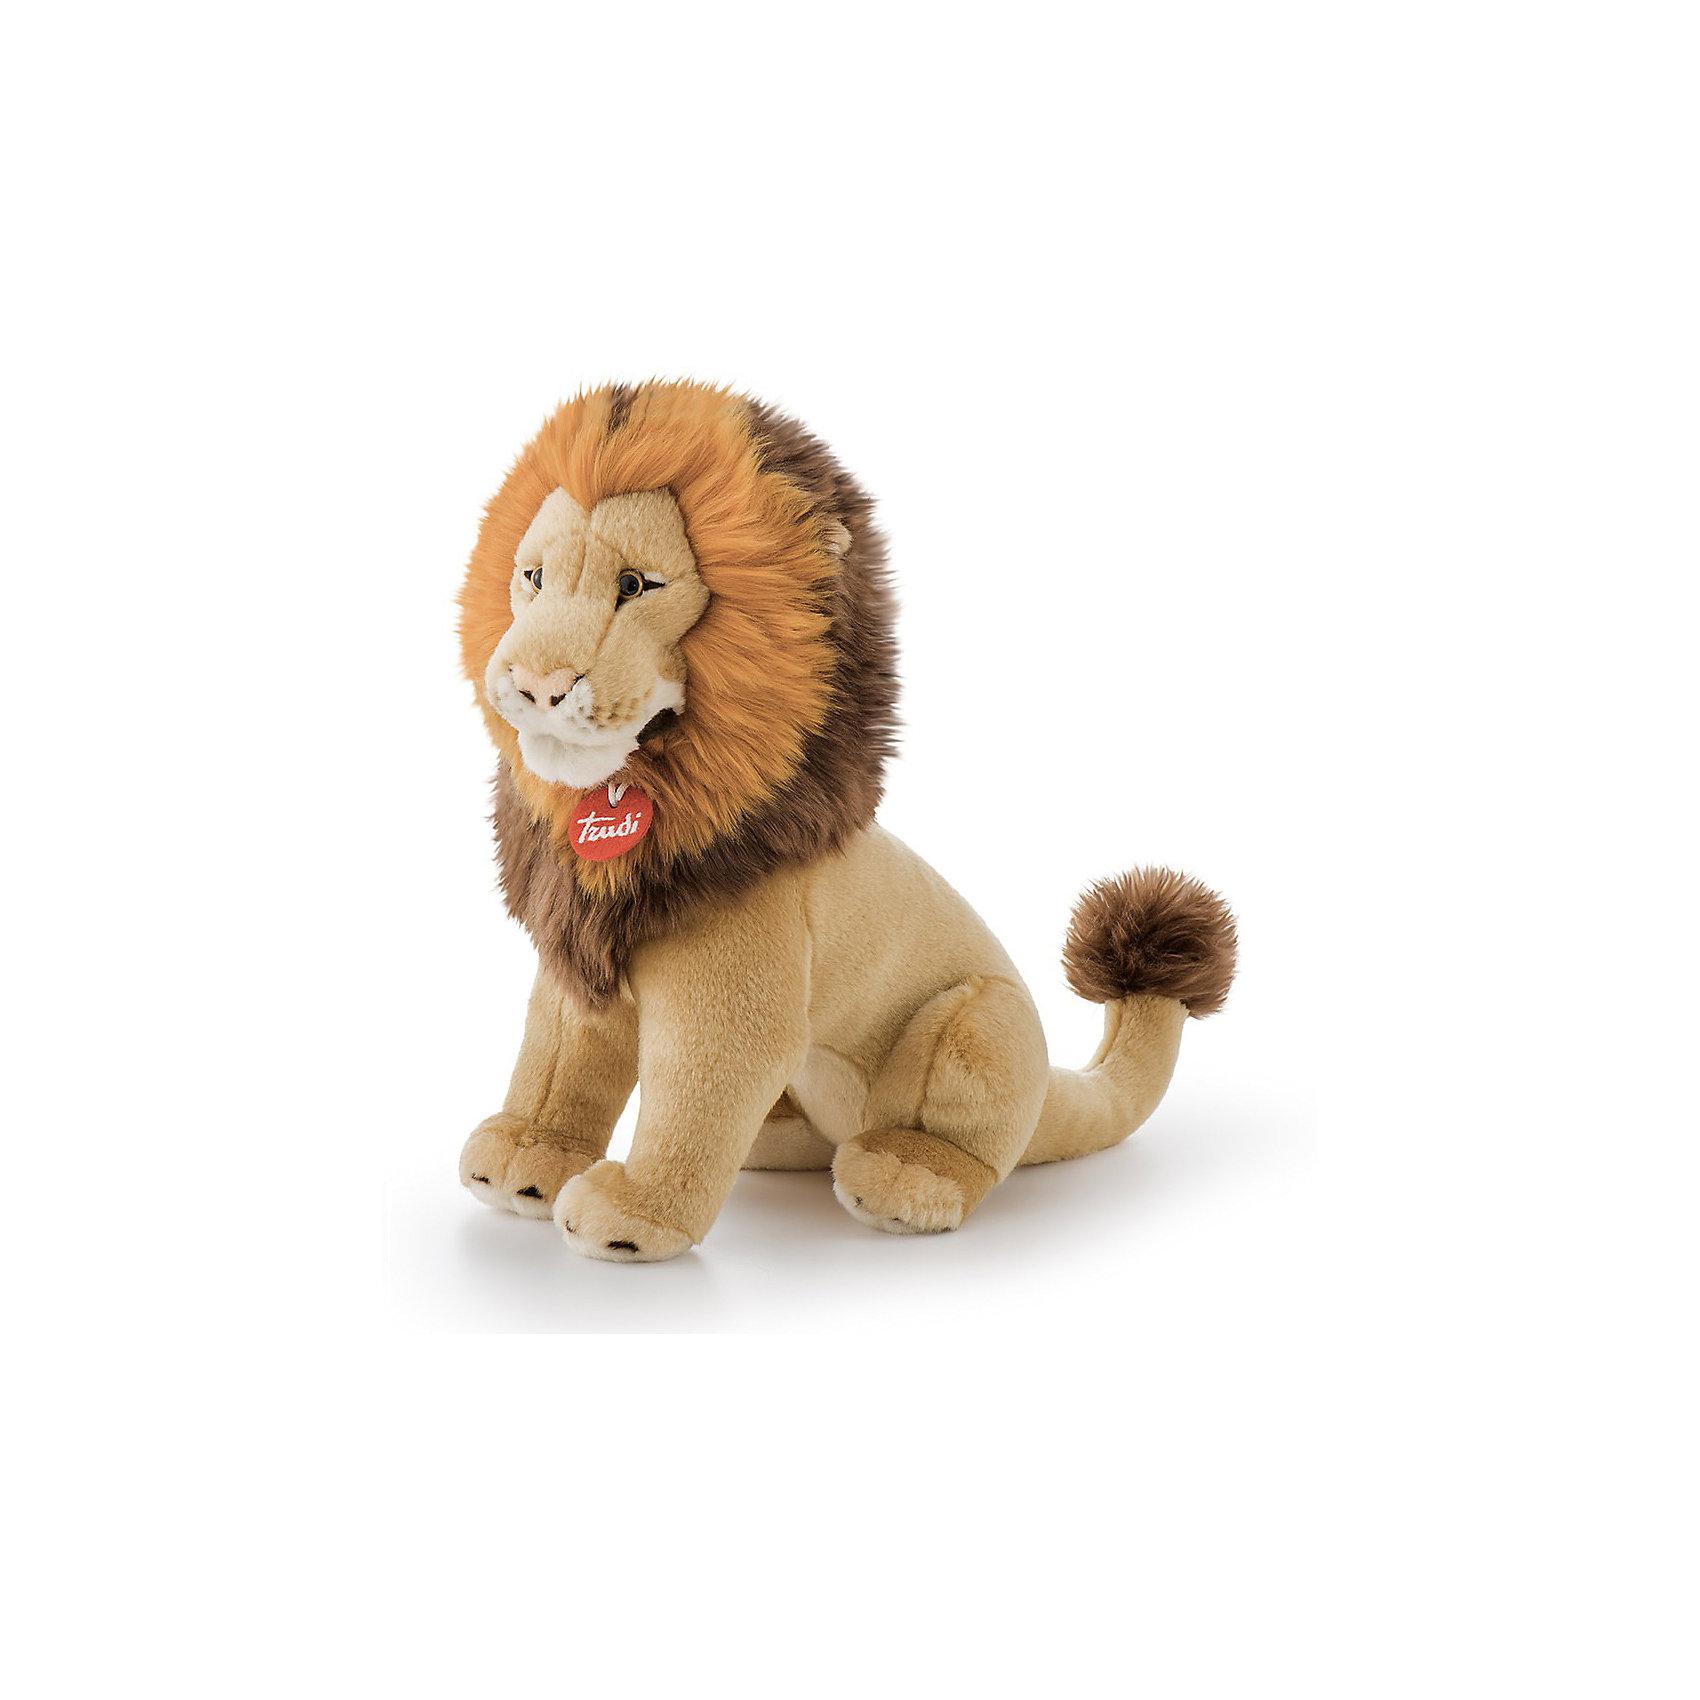 Лев Наполеон, 38 см, TrudiМягкие игрушки животные<br>Характеристики товара:<br><br>• возраст от 3 лет;<br>• материал: искусственный мех, плюш, пластик;<br>• высота игрушки 38 см;<br>• размер упаковки 22х15х38 см;<br>• вес упаковки 270 гр.;<br>• страна производитель Индонезия.<br><br>Лев Наполеон Trudi — настоящий серьезный царь зверей. У льва пышная пушистая грива и карие глазки. Ребенок может придумывать сюжеты для игры, истории или брать льва с собой спать в кроватку, так как игрушка мягкая и приятная на ощупь. Лев изготовлен из качественного безопасного материала.<br><br>Льва Наполеон Trudi можно приобрести в нашем интернет-магазине.<br><br>Ширина мм: 220<br>Глубина мм: 150<br>Высота мм: 380<br>Вес г: 270<br>Возраст от месяцев: 36<br>Возраст до месяцев: 2147483647<br>Пол: Унисекс<br>Возраст: Детский<br>SKU: 5578416